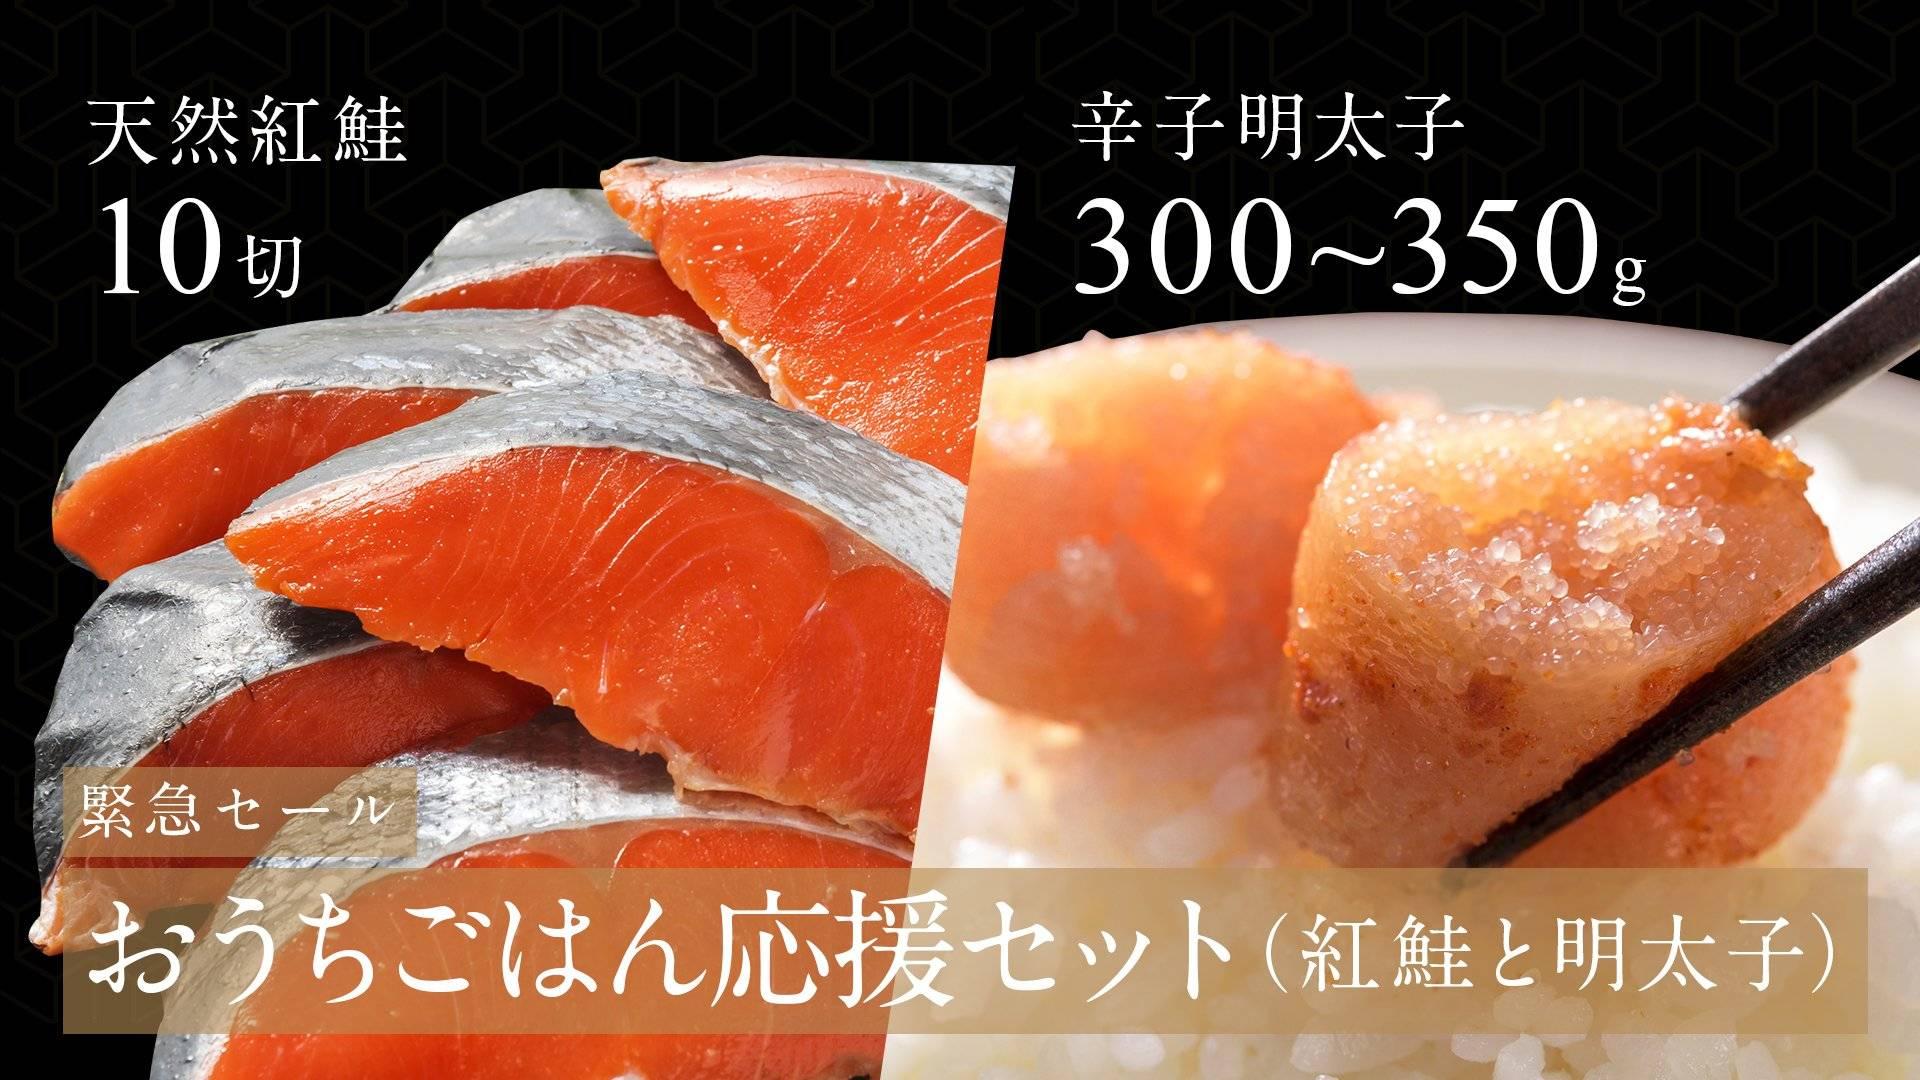 【おうちごはん応援】天然紅鮭と北海道漬け辛子明太子のセット